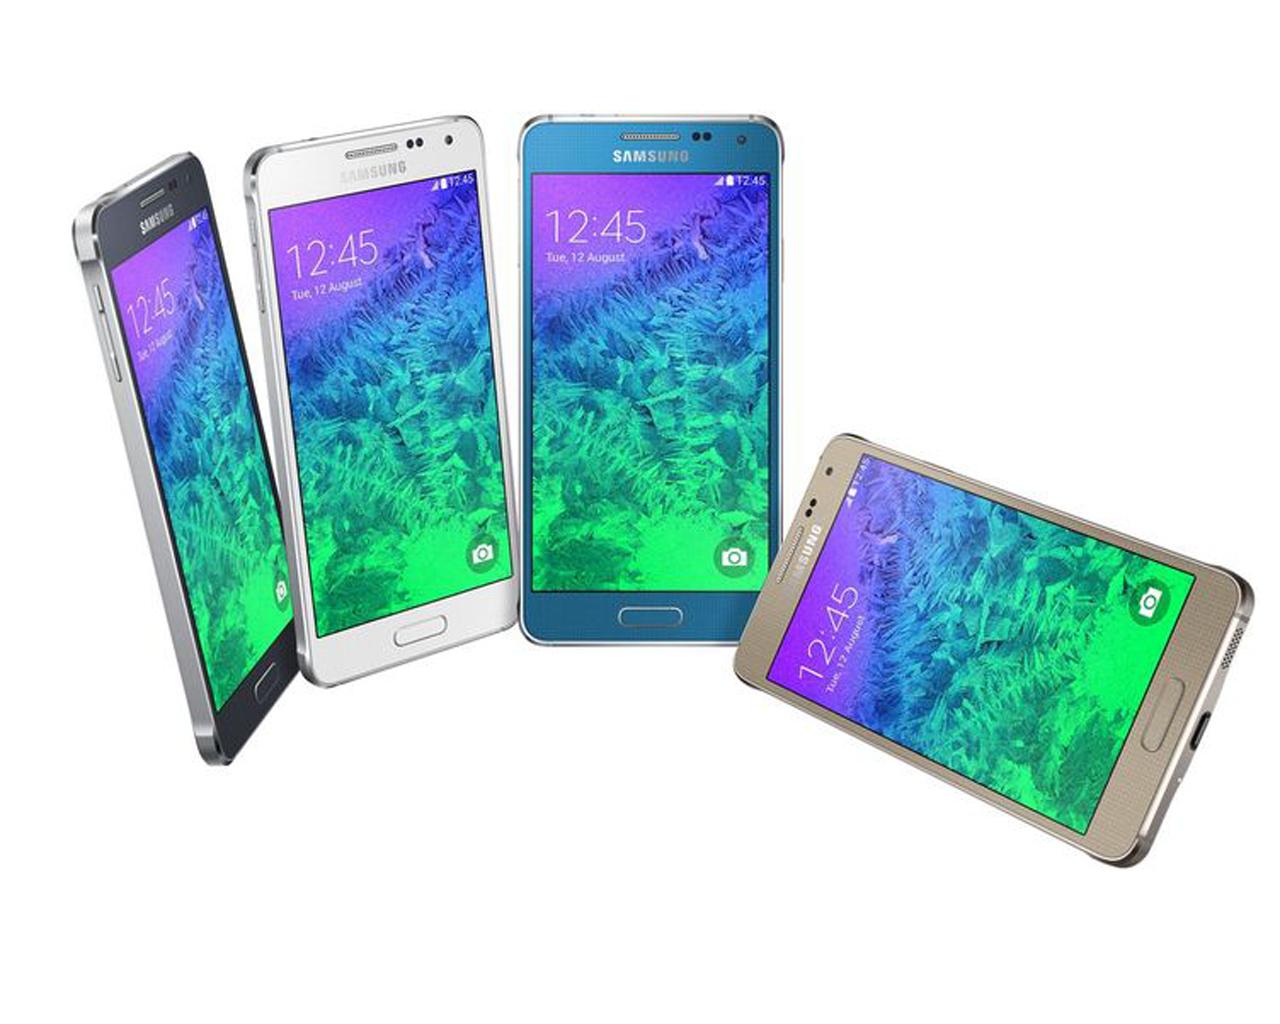 Samsung Galaxy Alpha - Notebookcheck net External Reviews